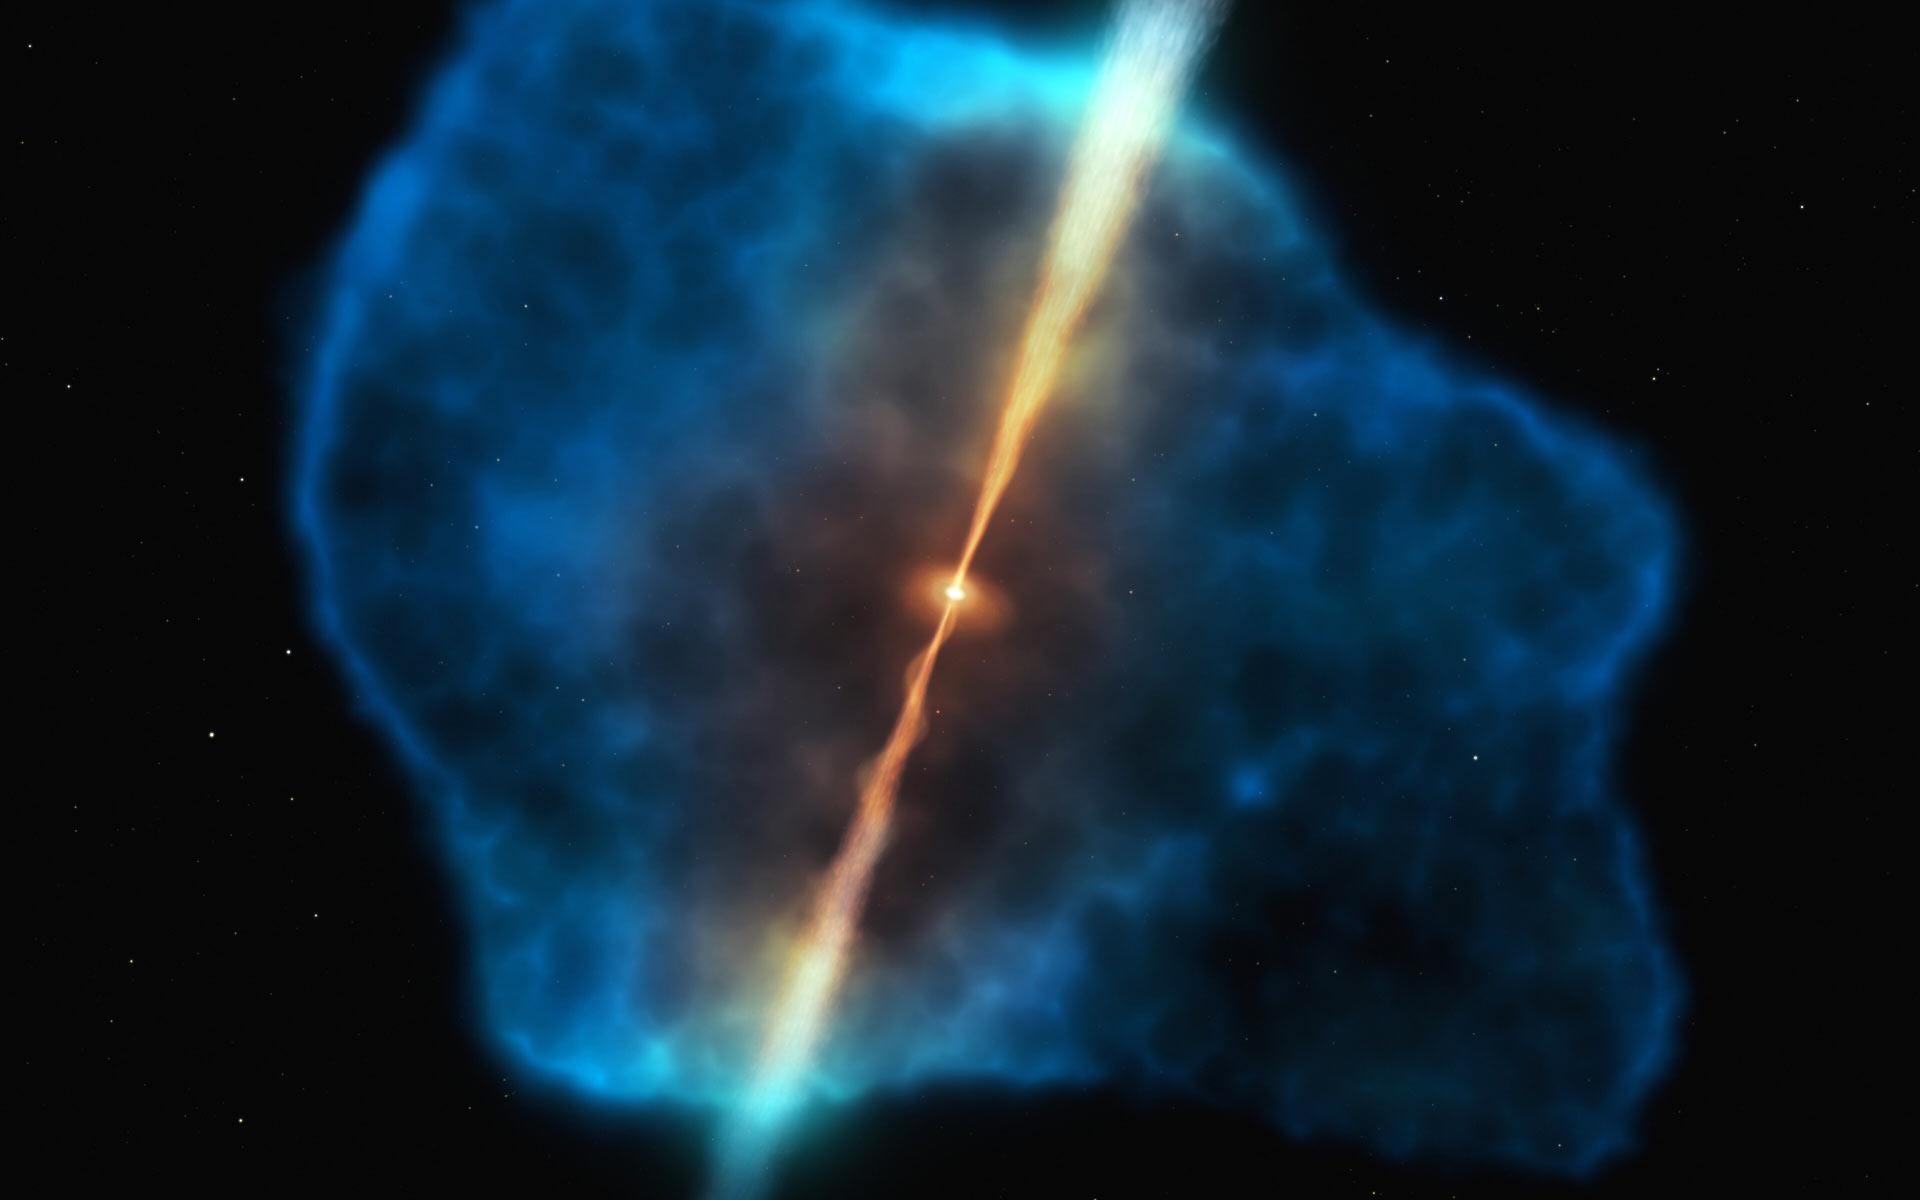 image e Quasar Halo